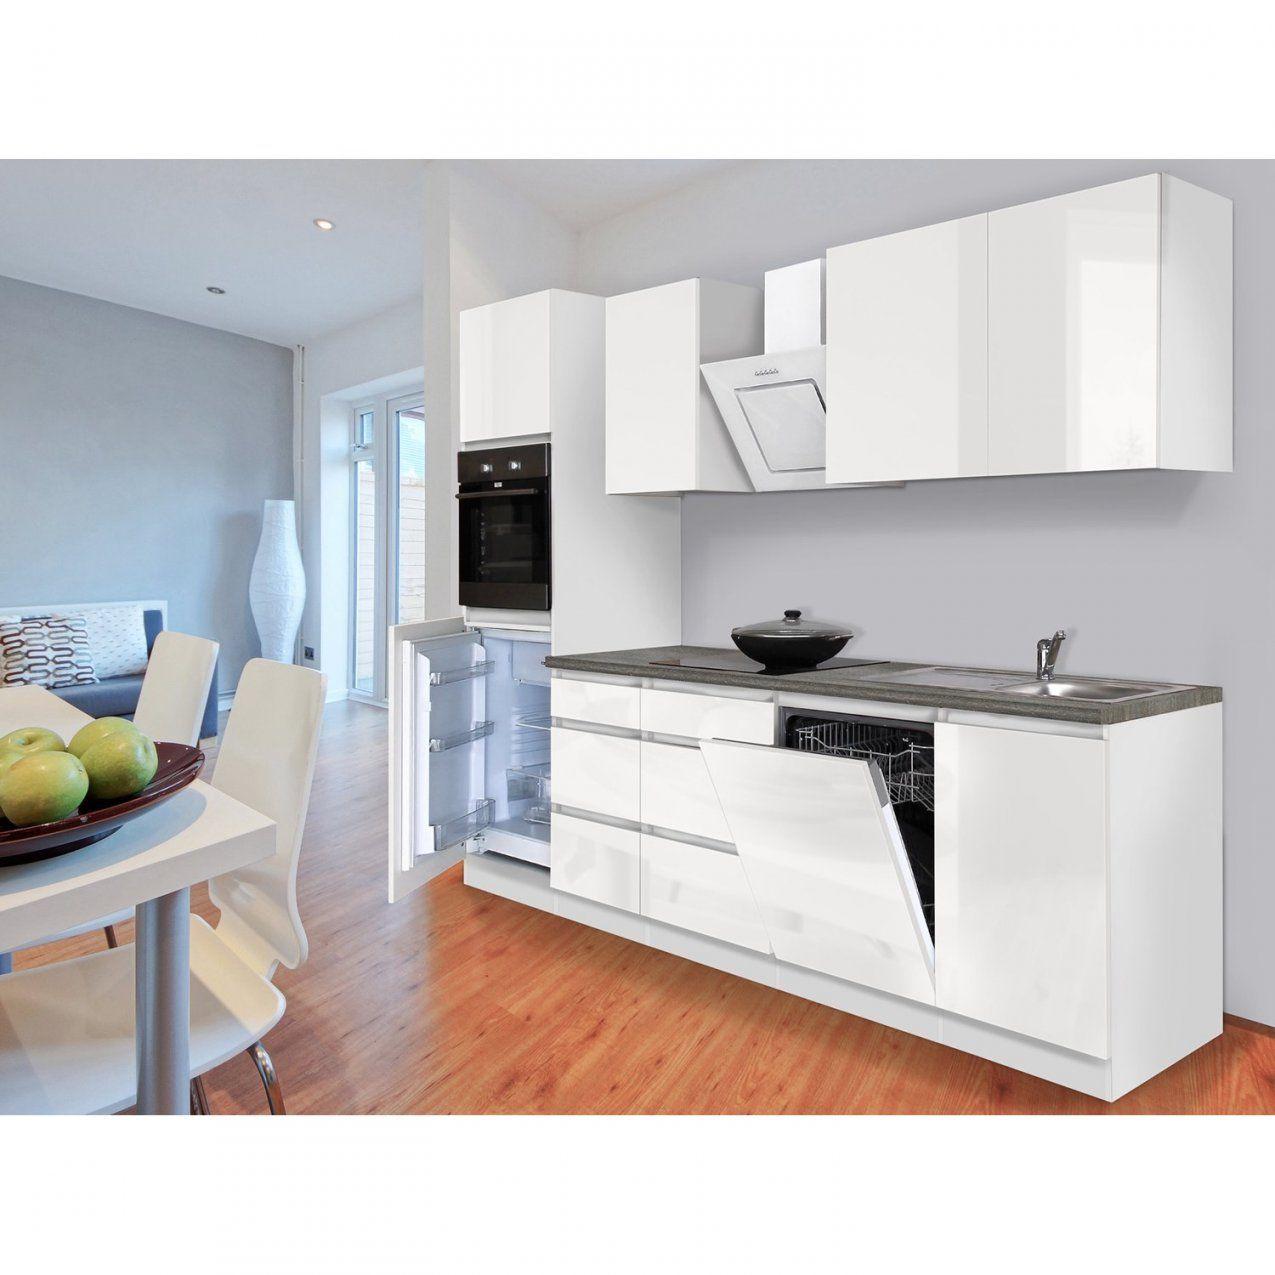 Küchenzeilen & Miniküchen Online Kaufen Bei Obi von Küchenzeile 260 Cm Mit Elektrogeräten Bild